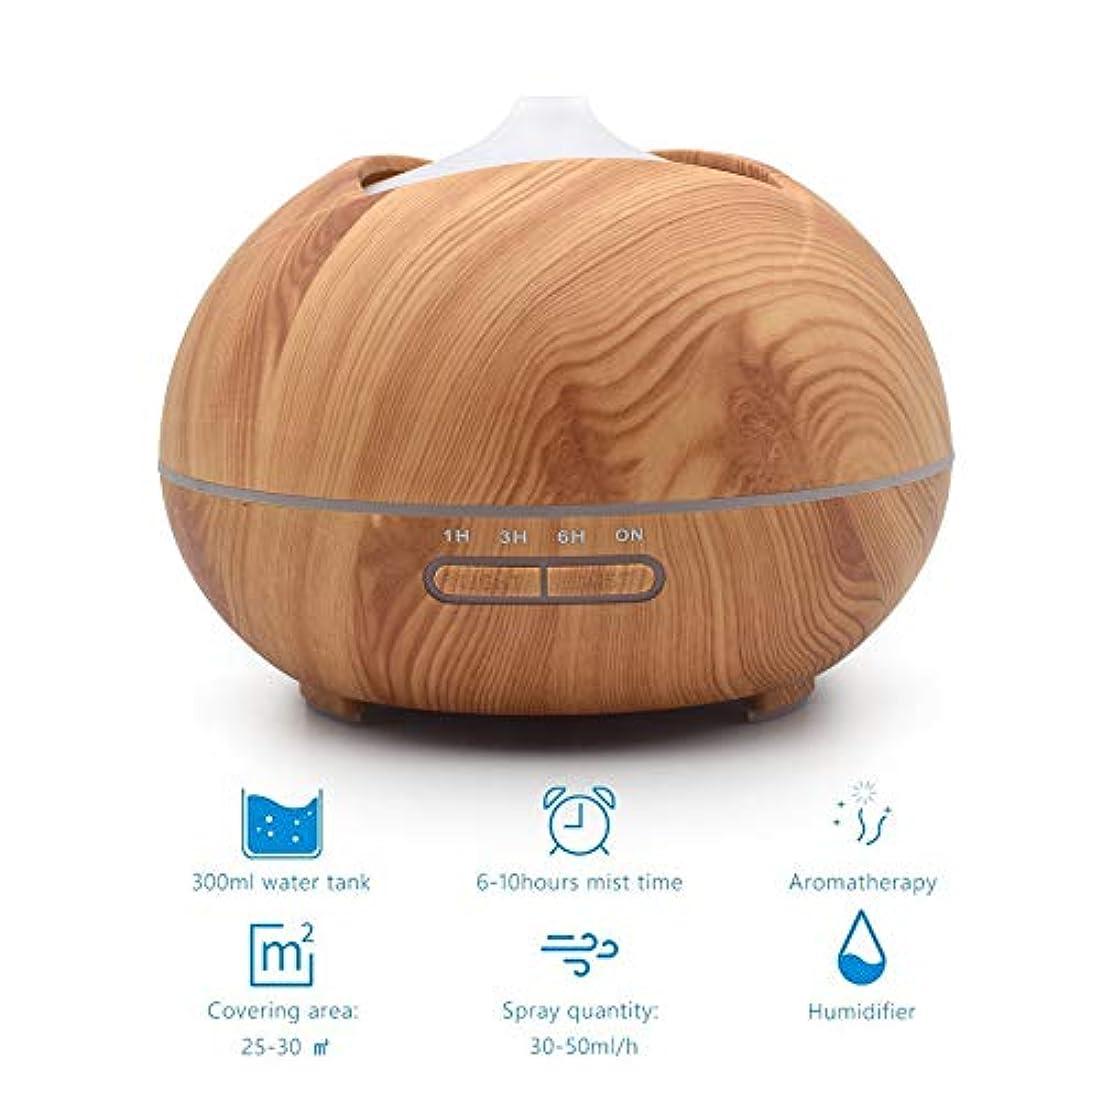 鋸歯状ハグリップ木目クールミスト加湿器、500ミリリットルアロマセラピーディフューザー付き2ミストモードささやき静かな加湿器用寝室、ホーム、オフィス,lightwoodgrain